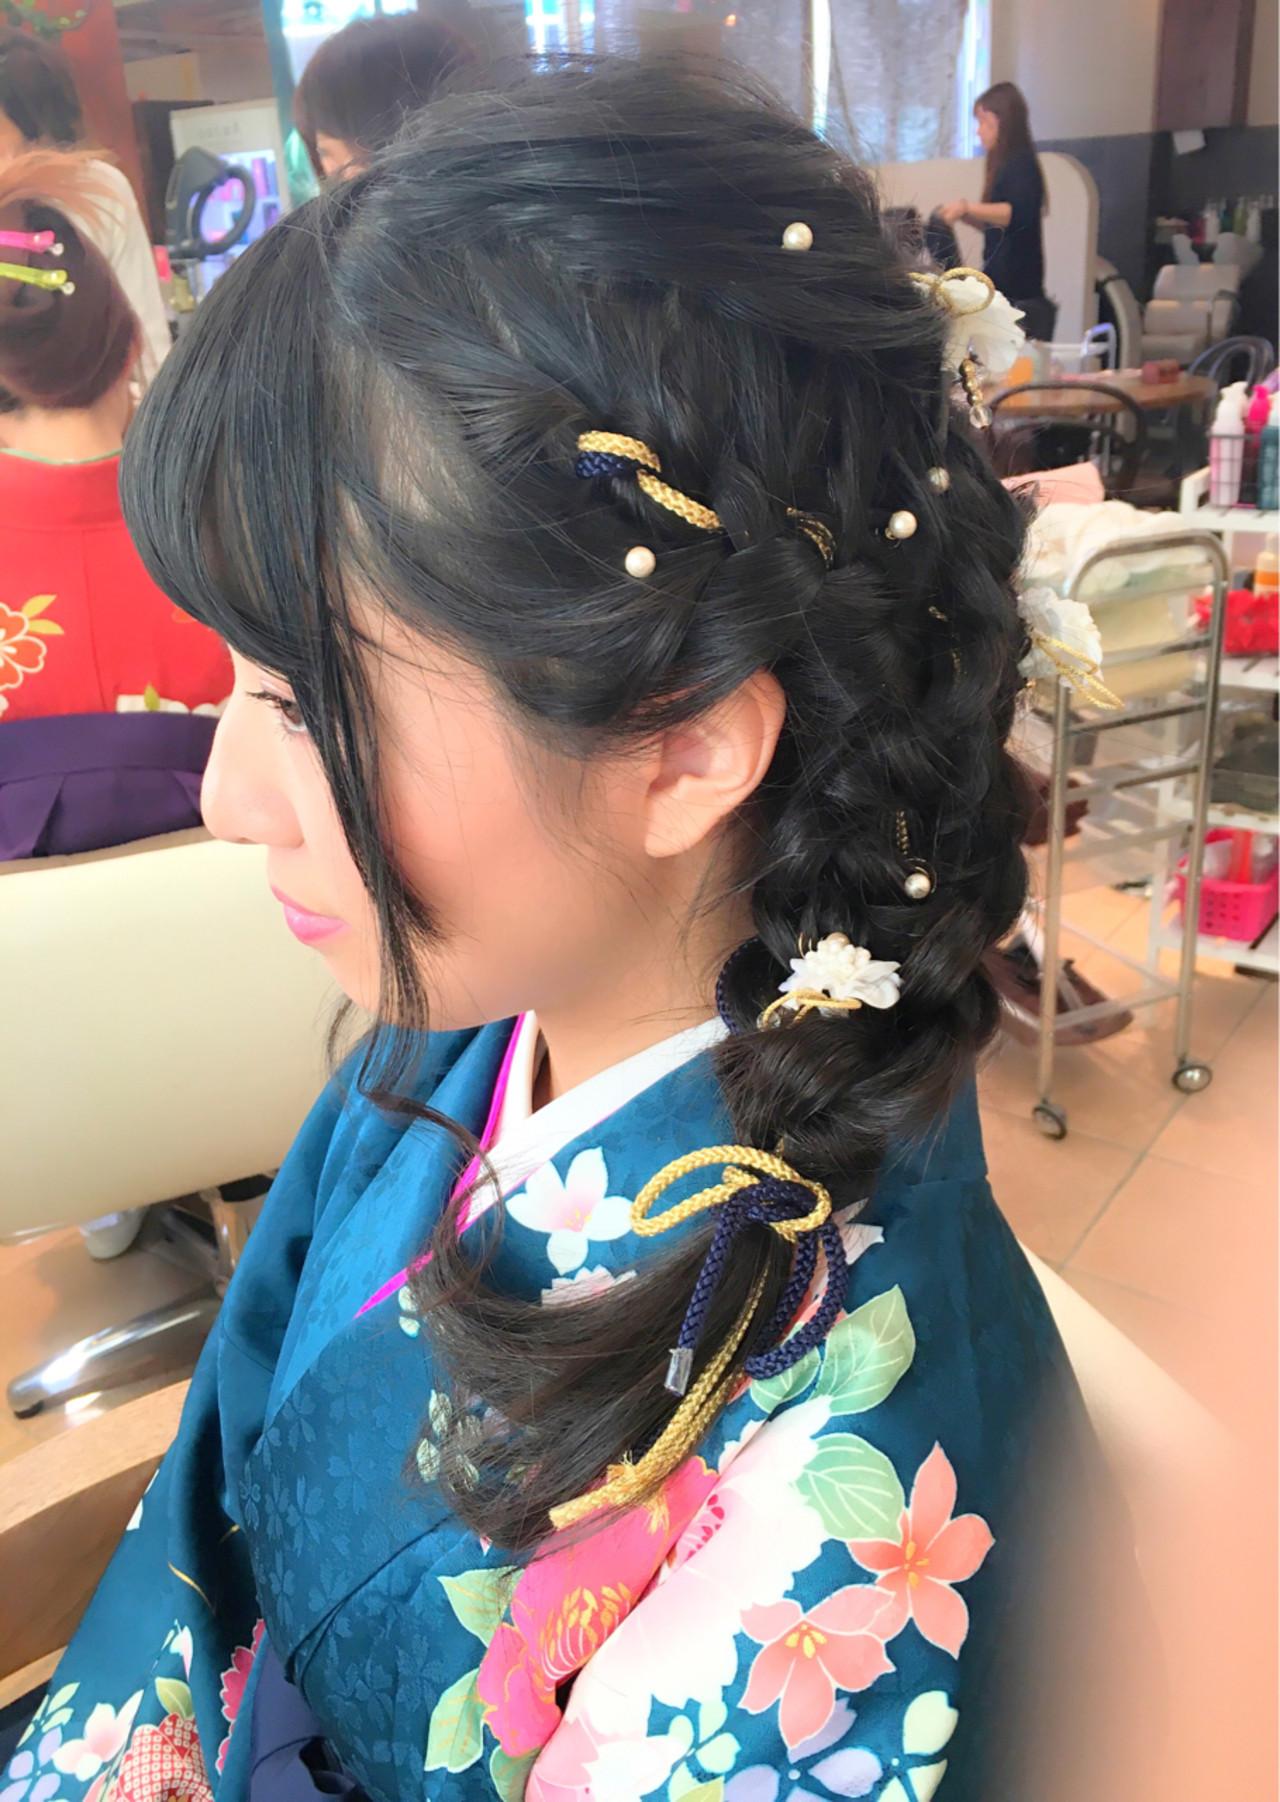 着物 ミディアム 編み込み ディズニー ヘアスタイルや髪型の写真・画像